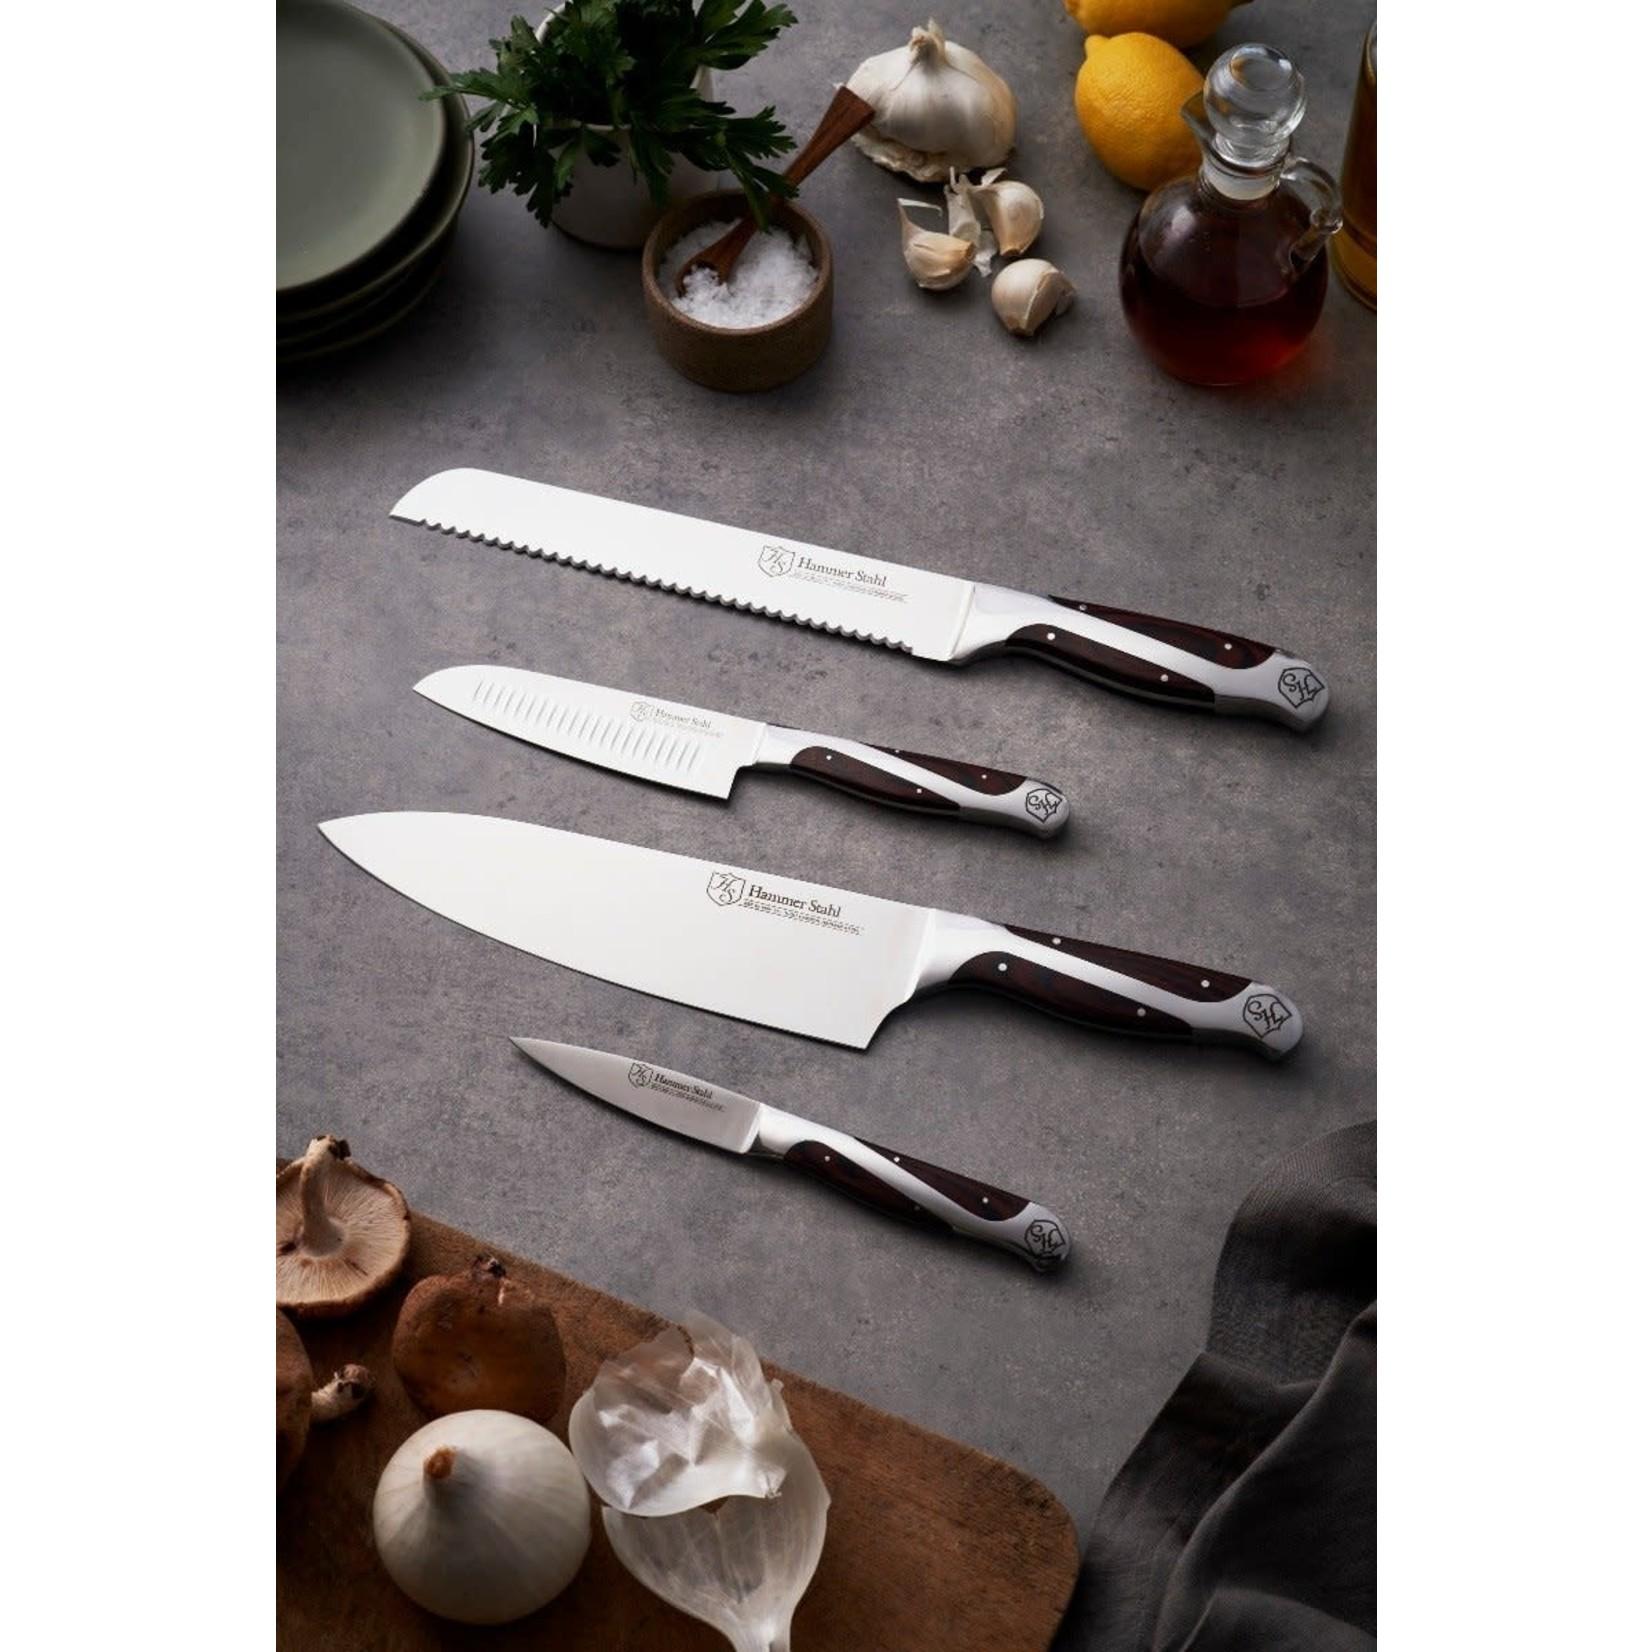 HS 4pc Cutlery Essentials Set